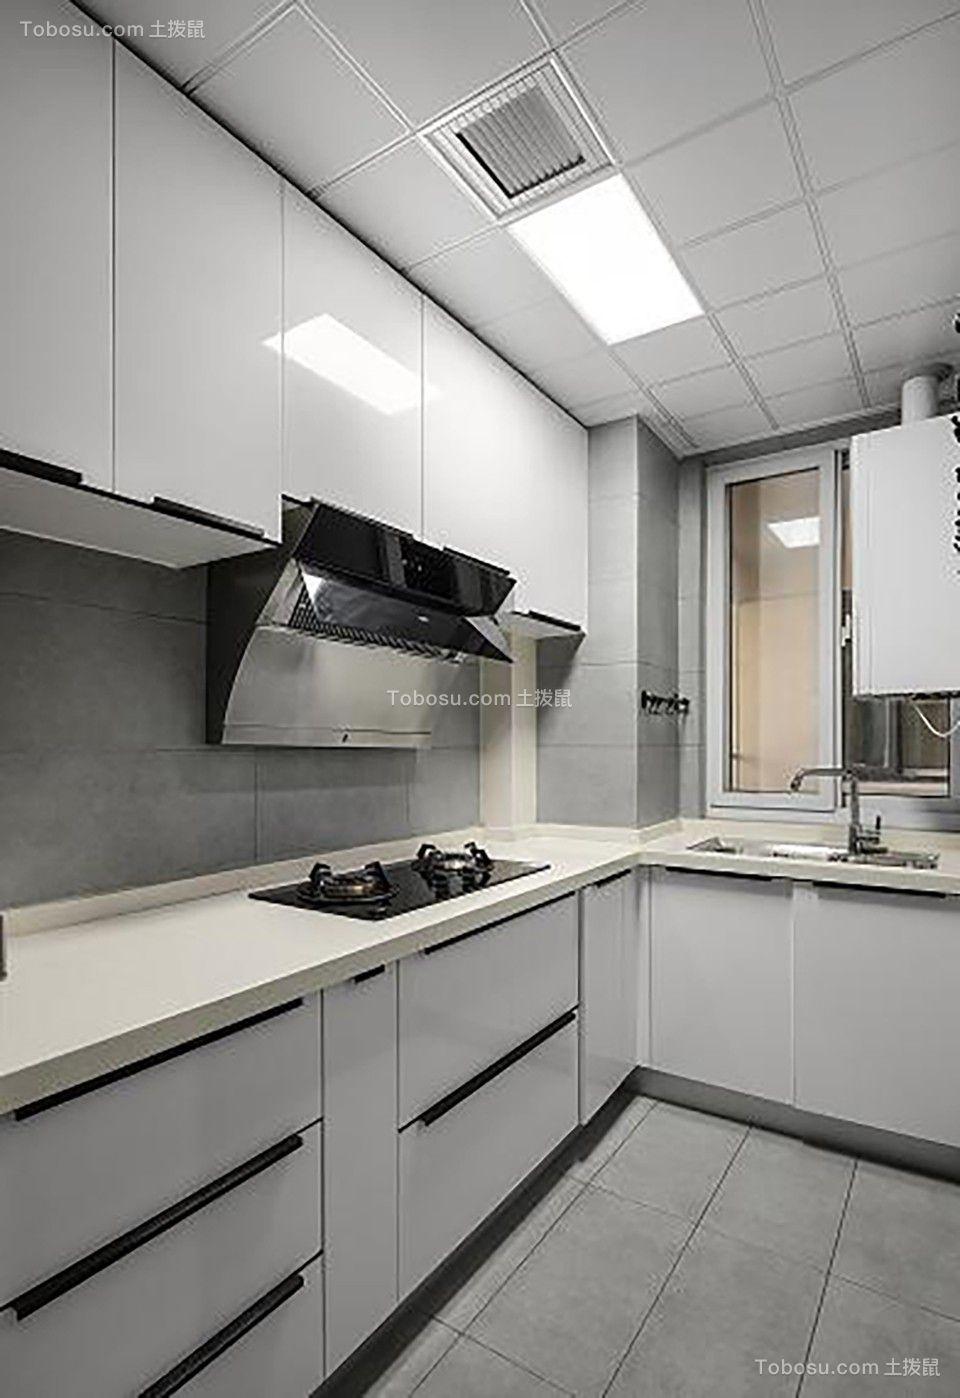 2019现代简约厨房装修图 2019现代简约厨房岛台装饰设计